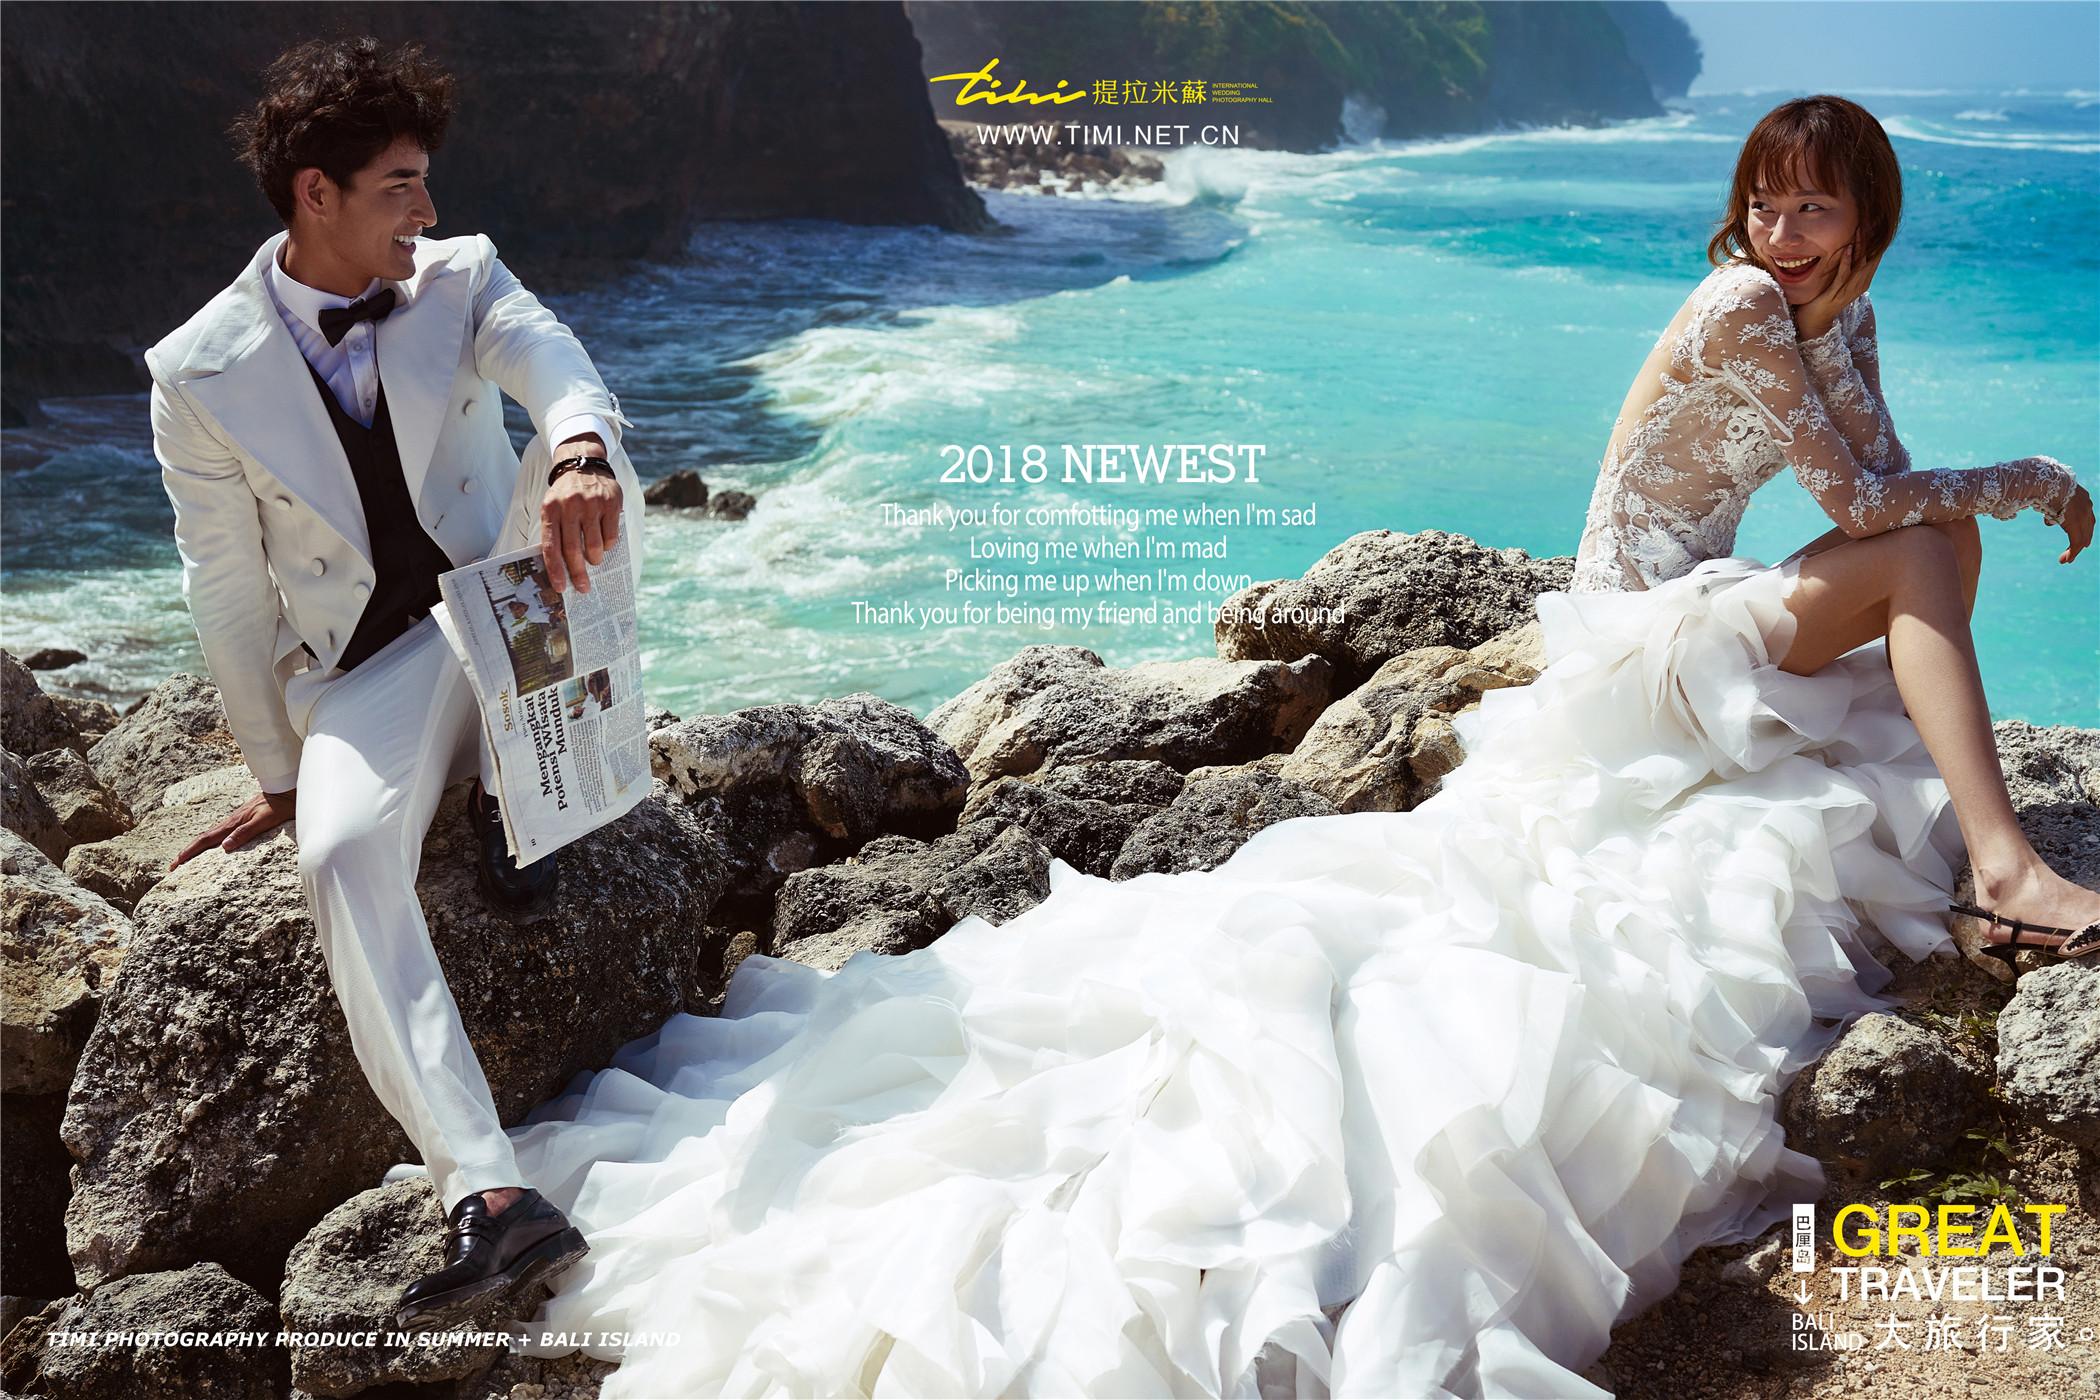 海边婚纱照怎么拍的自然好看?